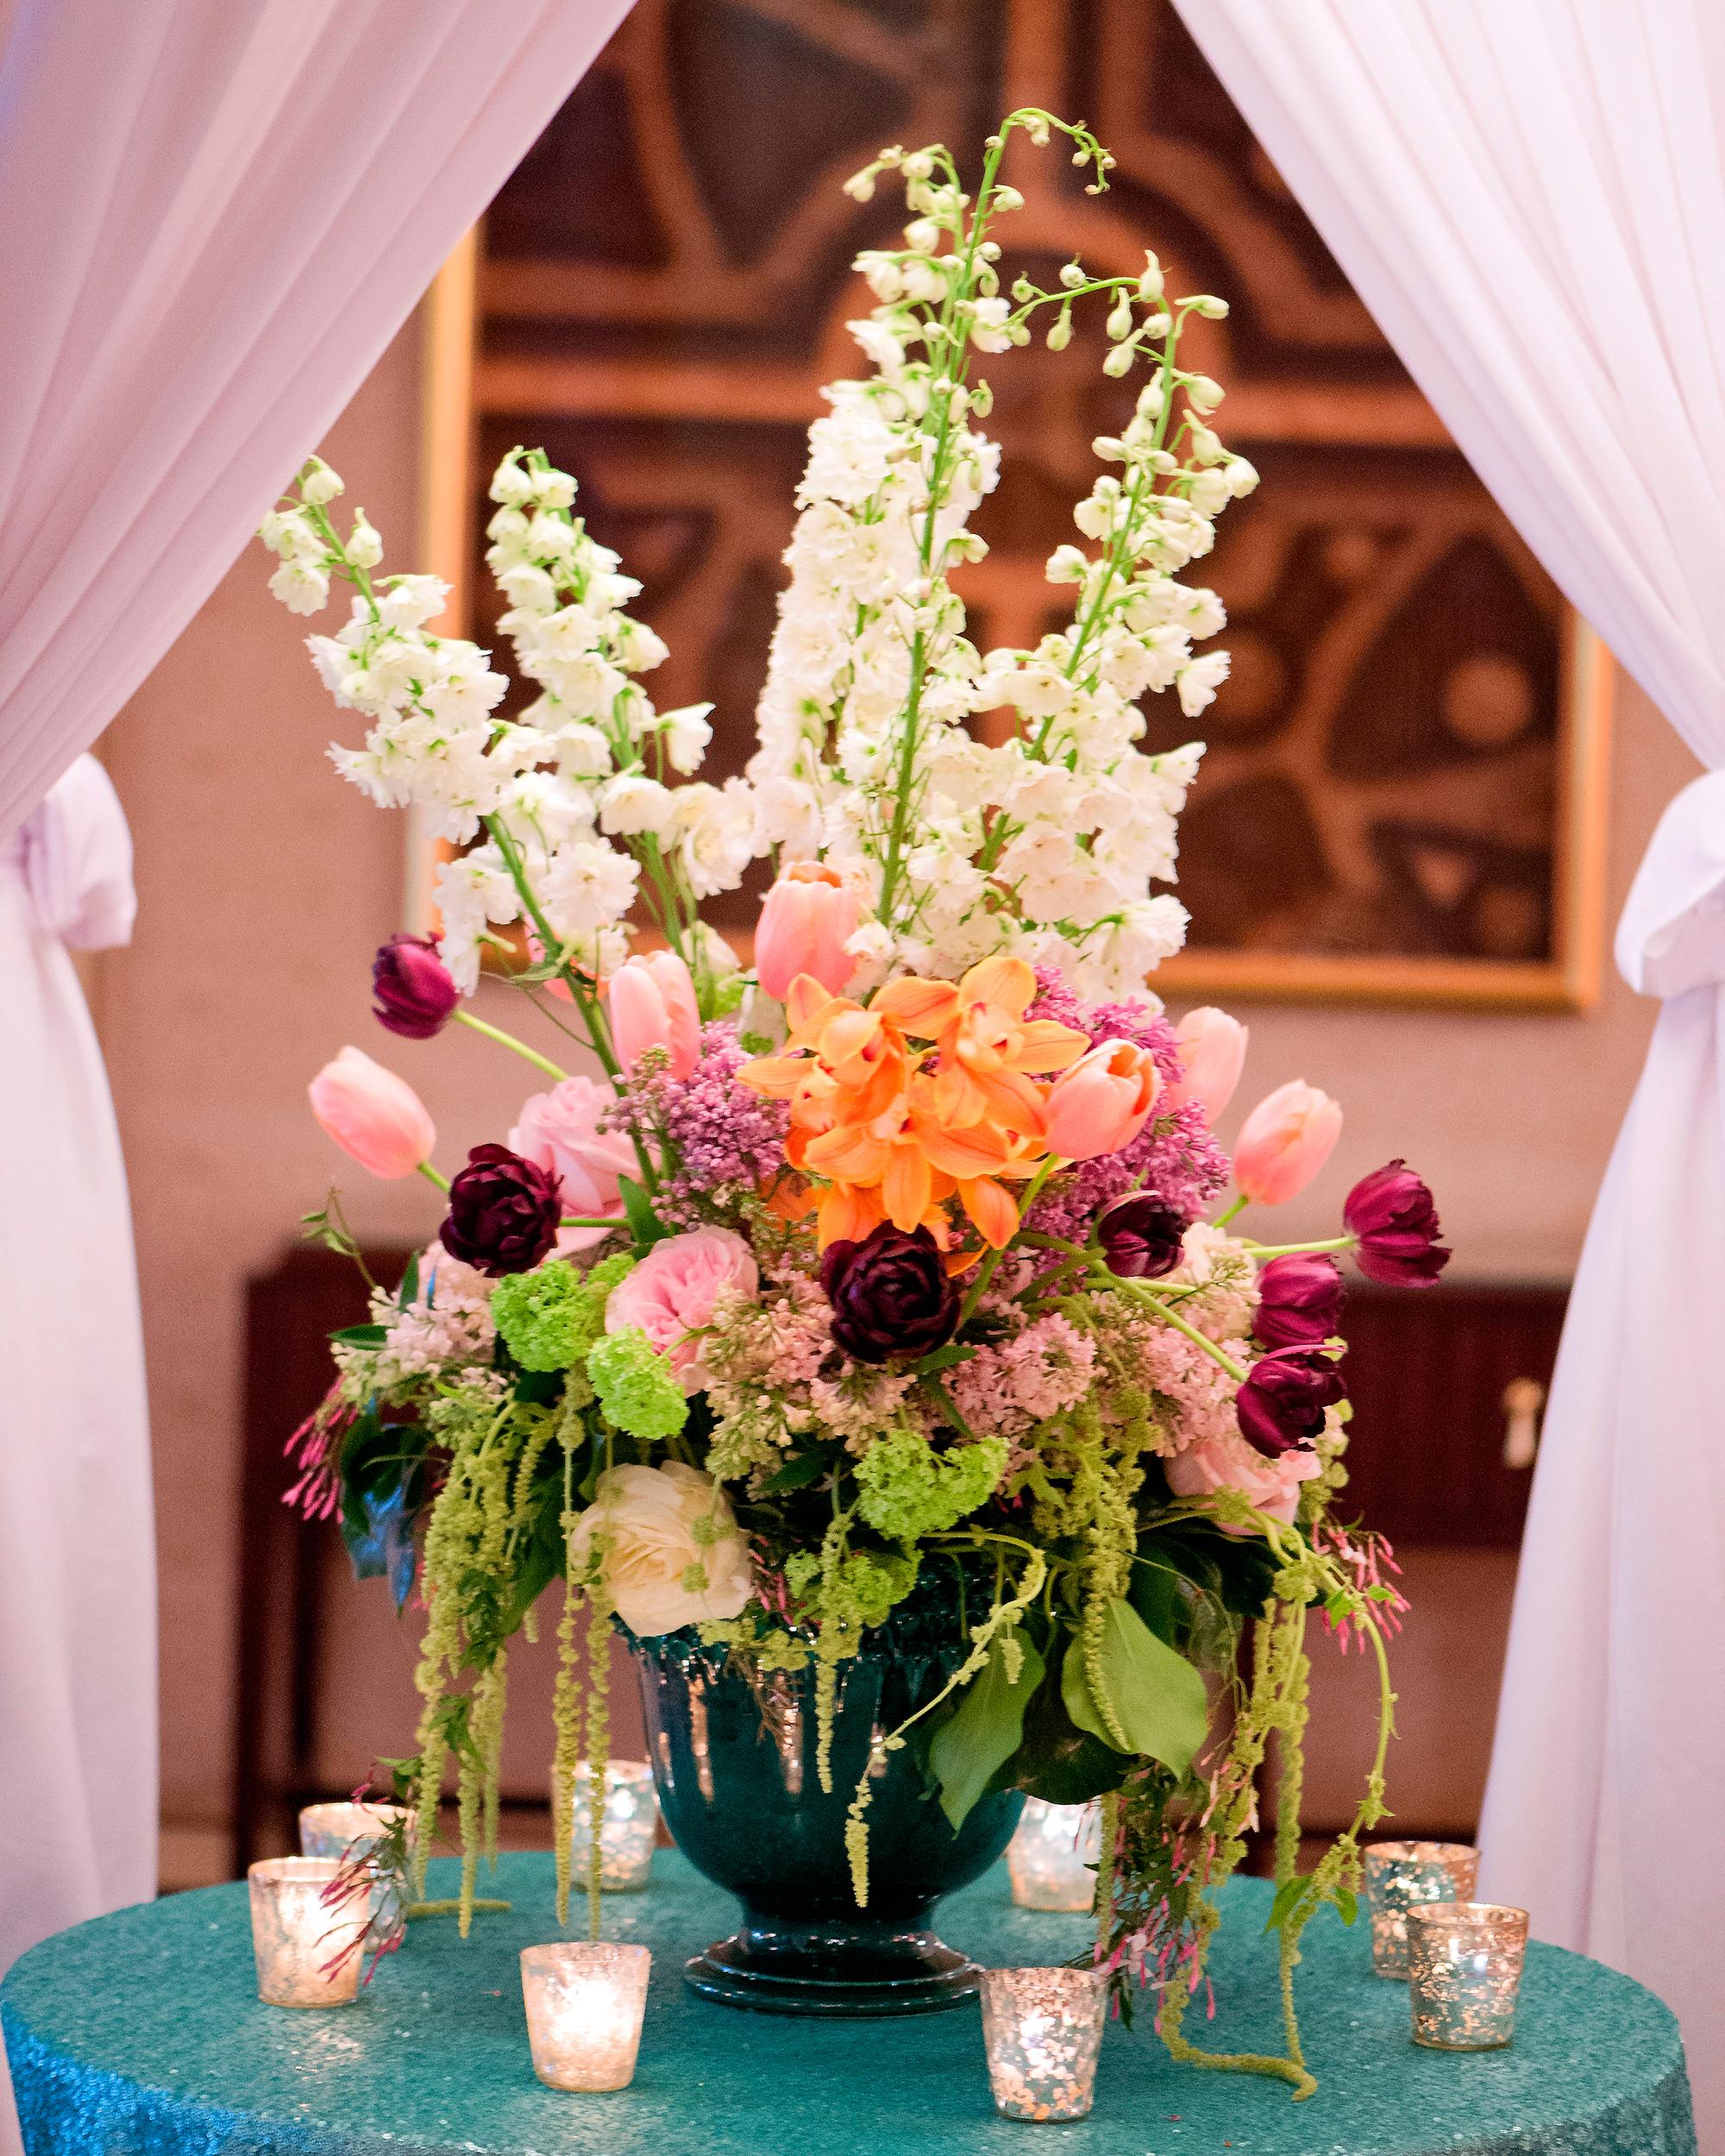 msw-chicago-party15-007-flower-centerpiece-0315.jpg